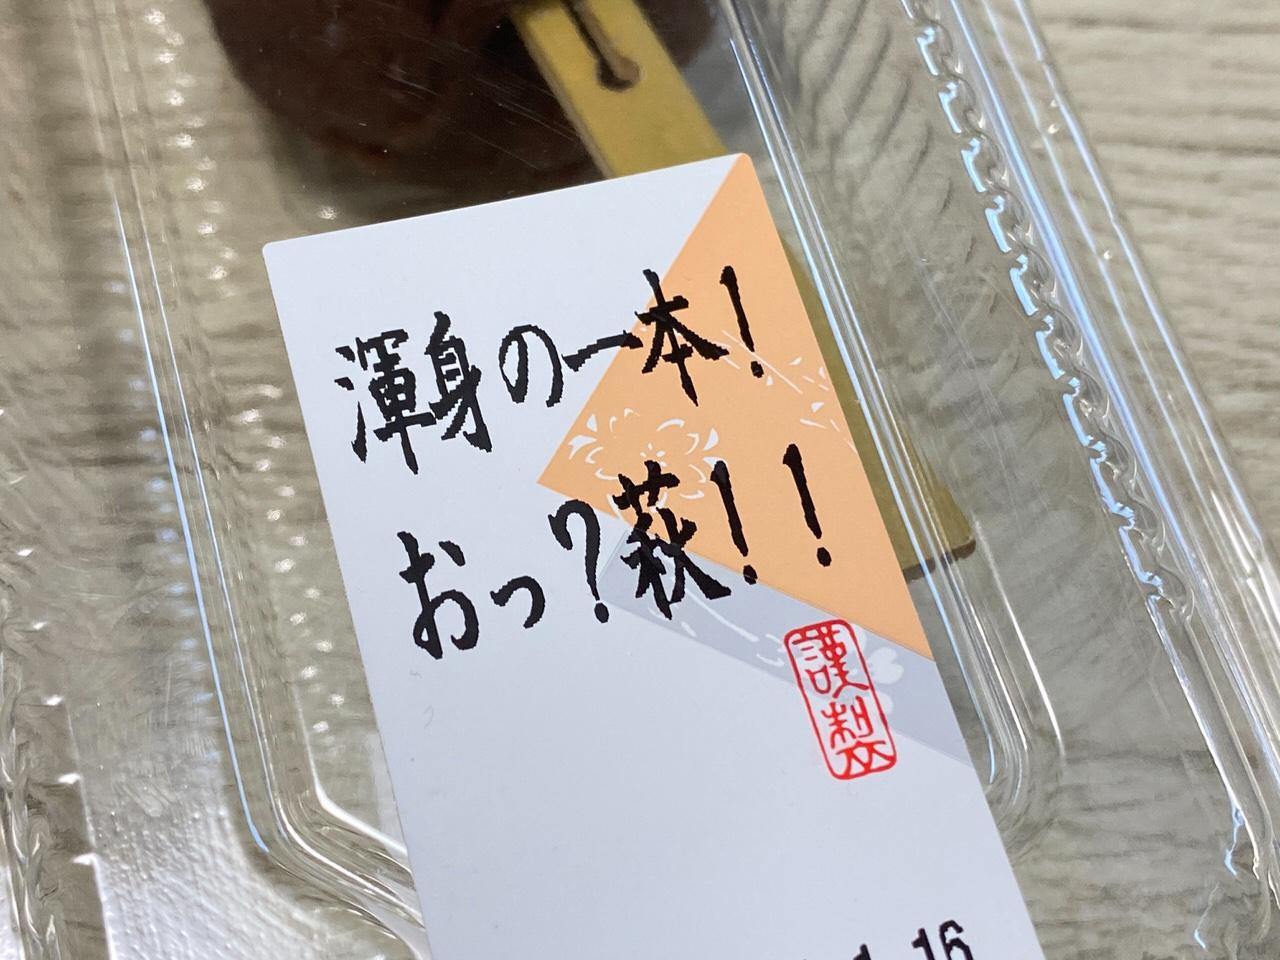 お萩3個が串刺しされたワンハンドお萩「渾身の一本!おっ?萩!!」 4